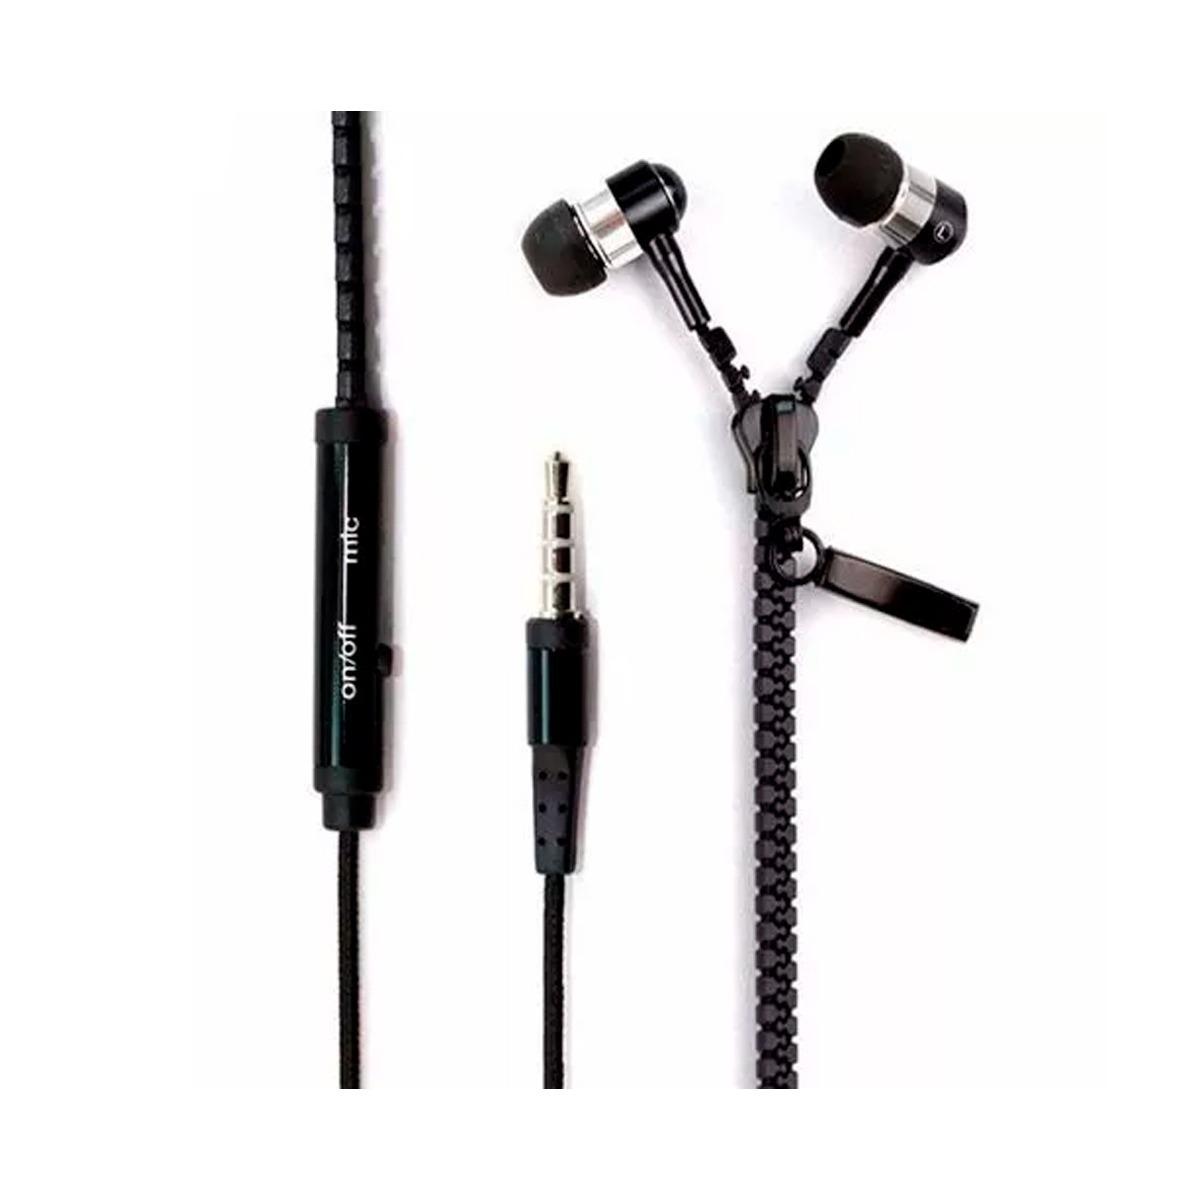 Auricular Intrauditivo In Ear Con Manos Libres Cierre Inova